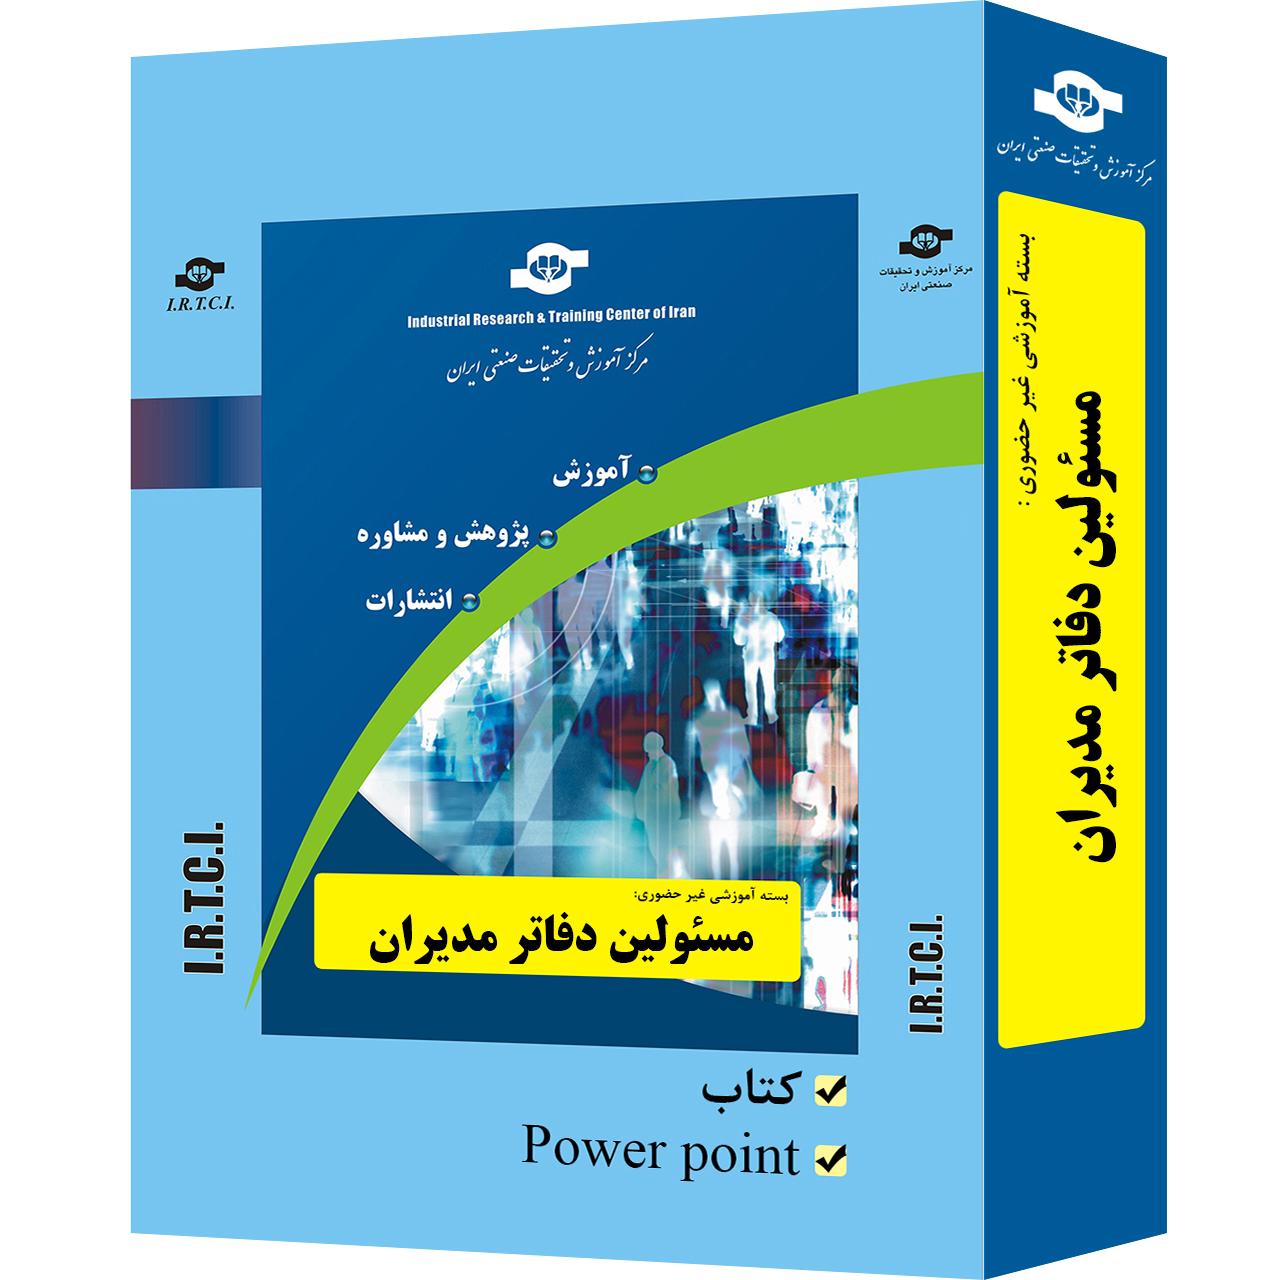 بسته آموزشی غیر حضوری مسئولین دفاتر مدیران تدوین مرکز آموزش و تحقیقات صنعتی ایران